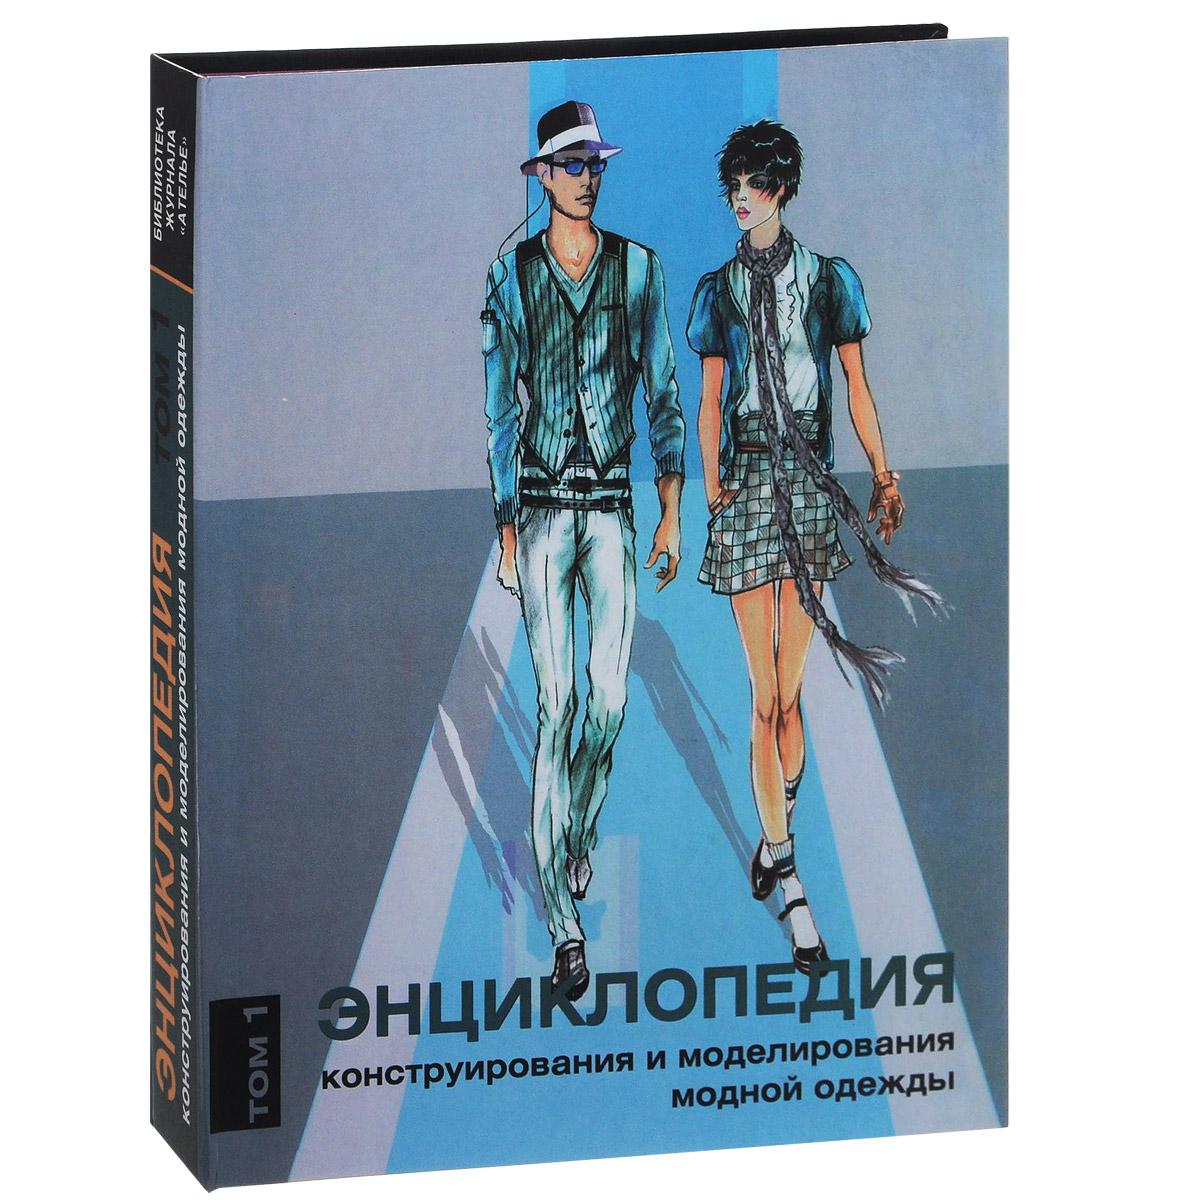 Энциклопедия конструирования и моделирования модной одежды. Том 1. Доставка по России